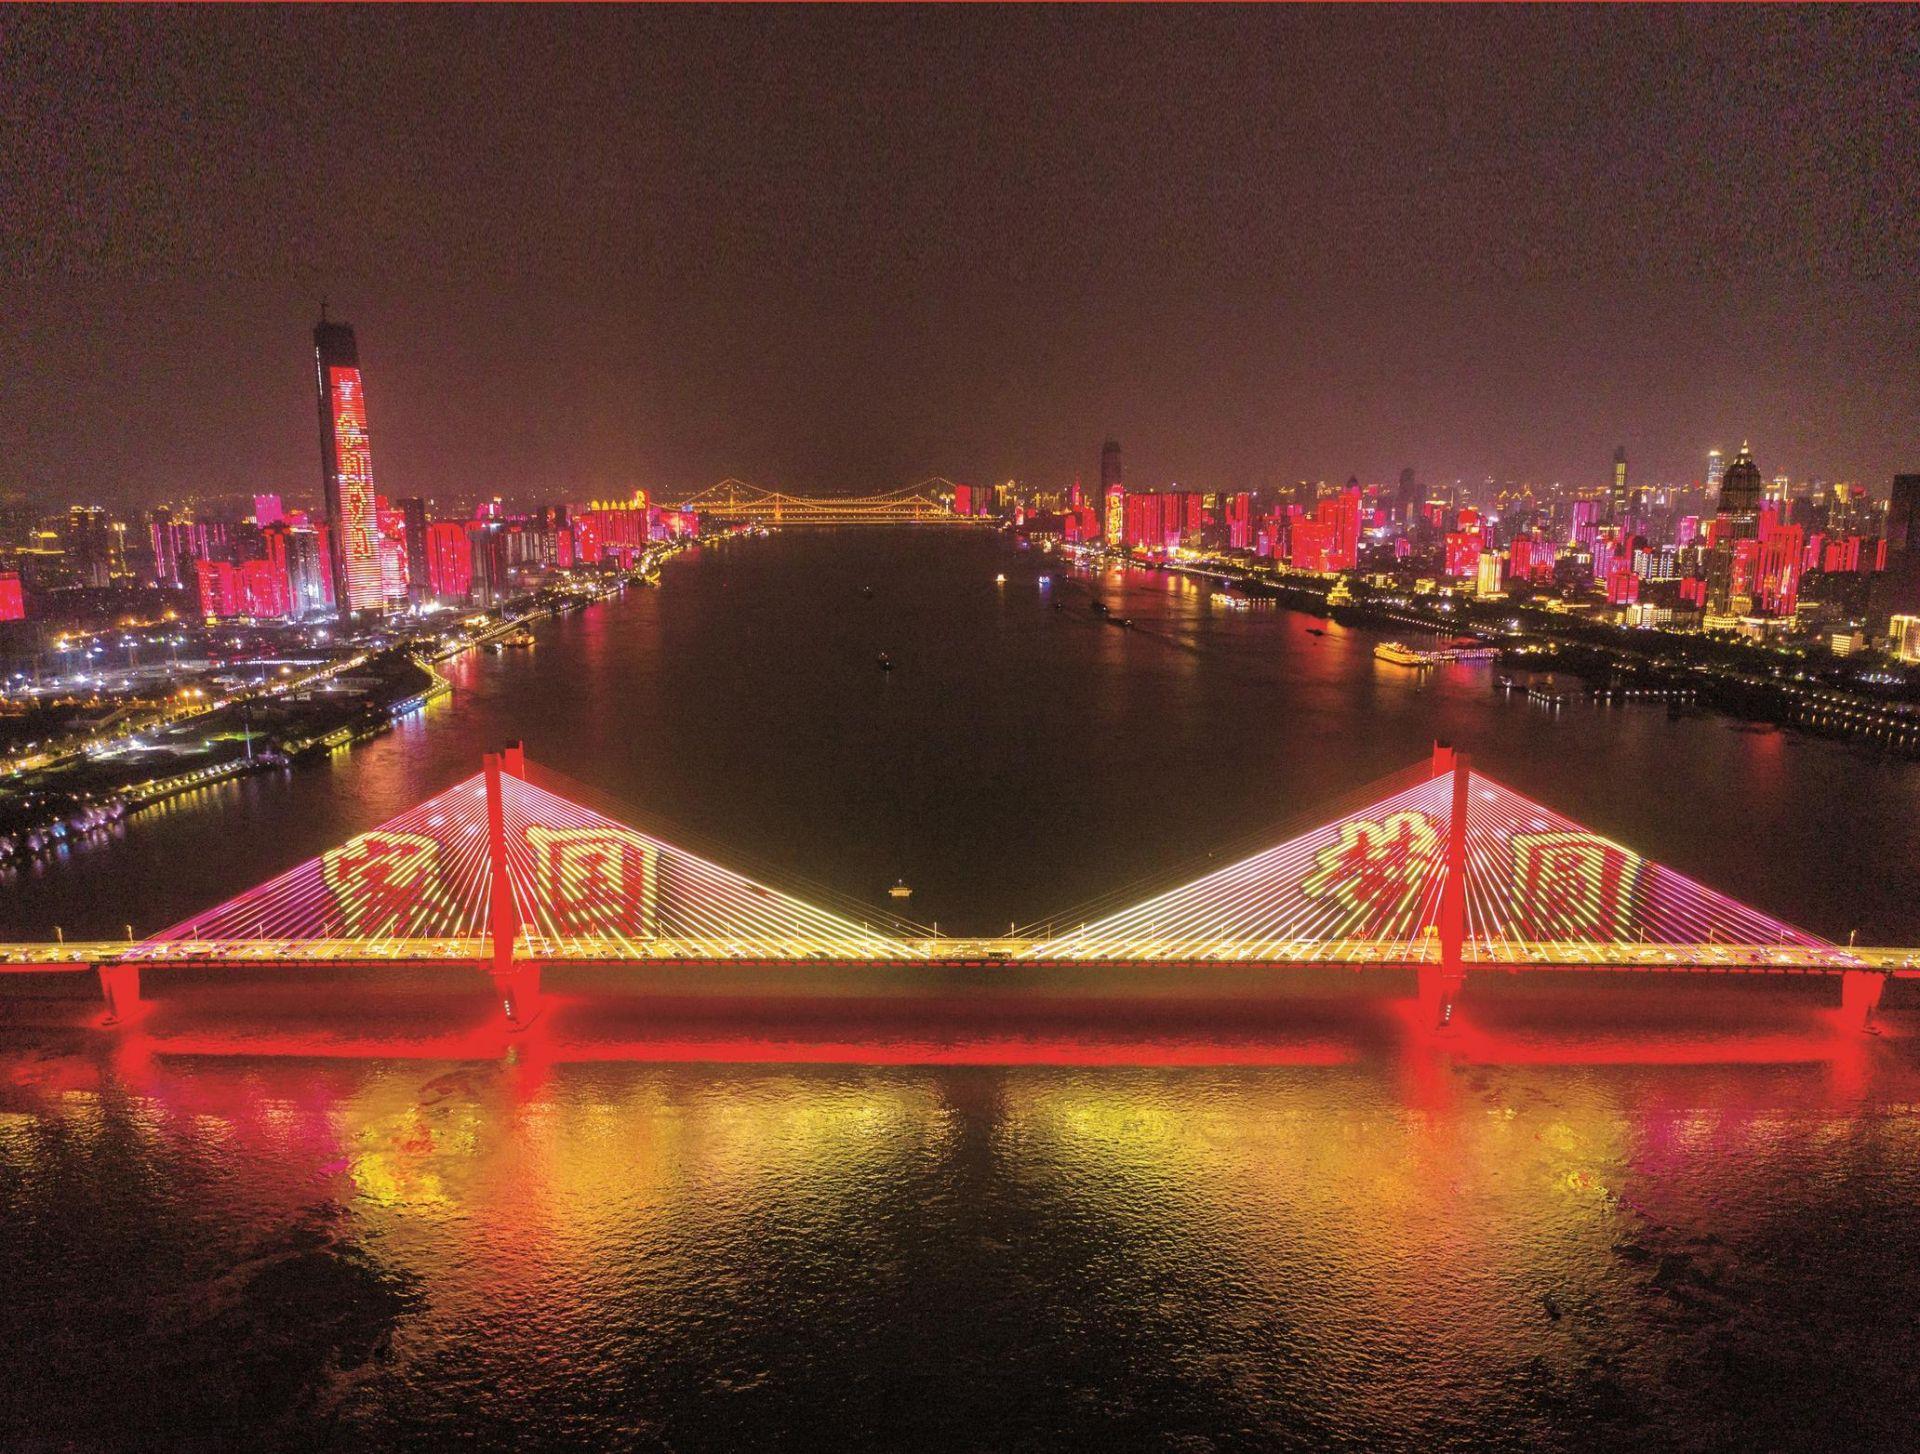 以两江四岸璀璨灯火 英雄城致敬祖国